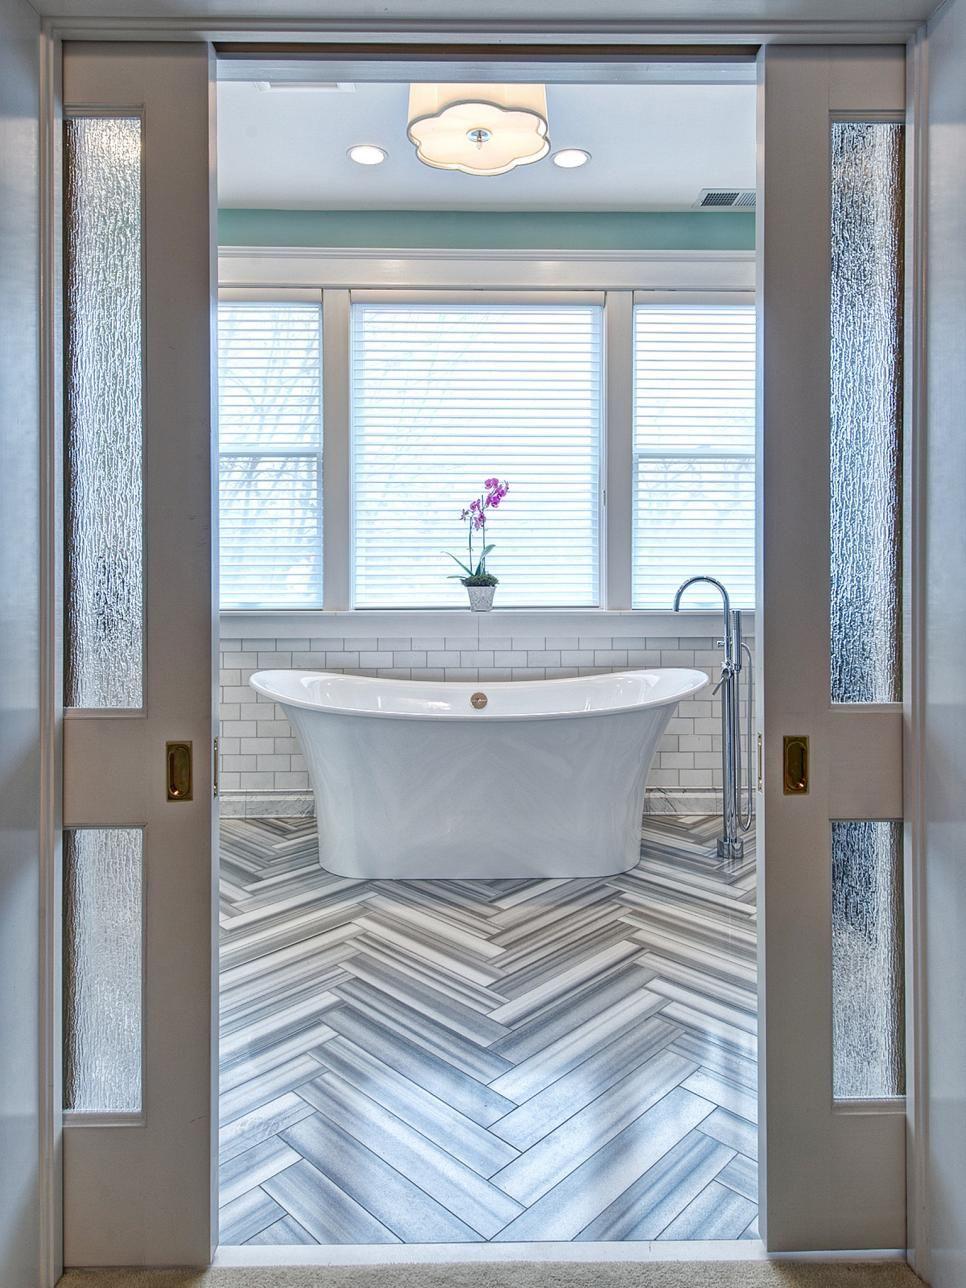 small double pocket doors. Bathroom Gets Elegant, Eclectic Remodel. FlooringBathroom DoorsBathroom Pocket Small Double Doors